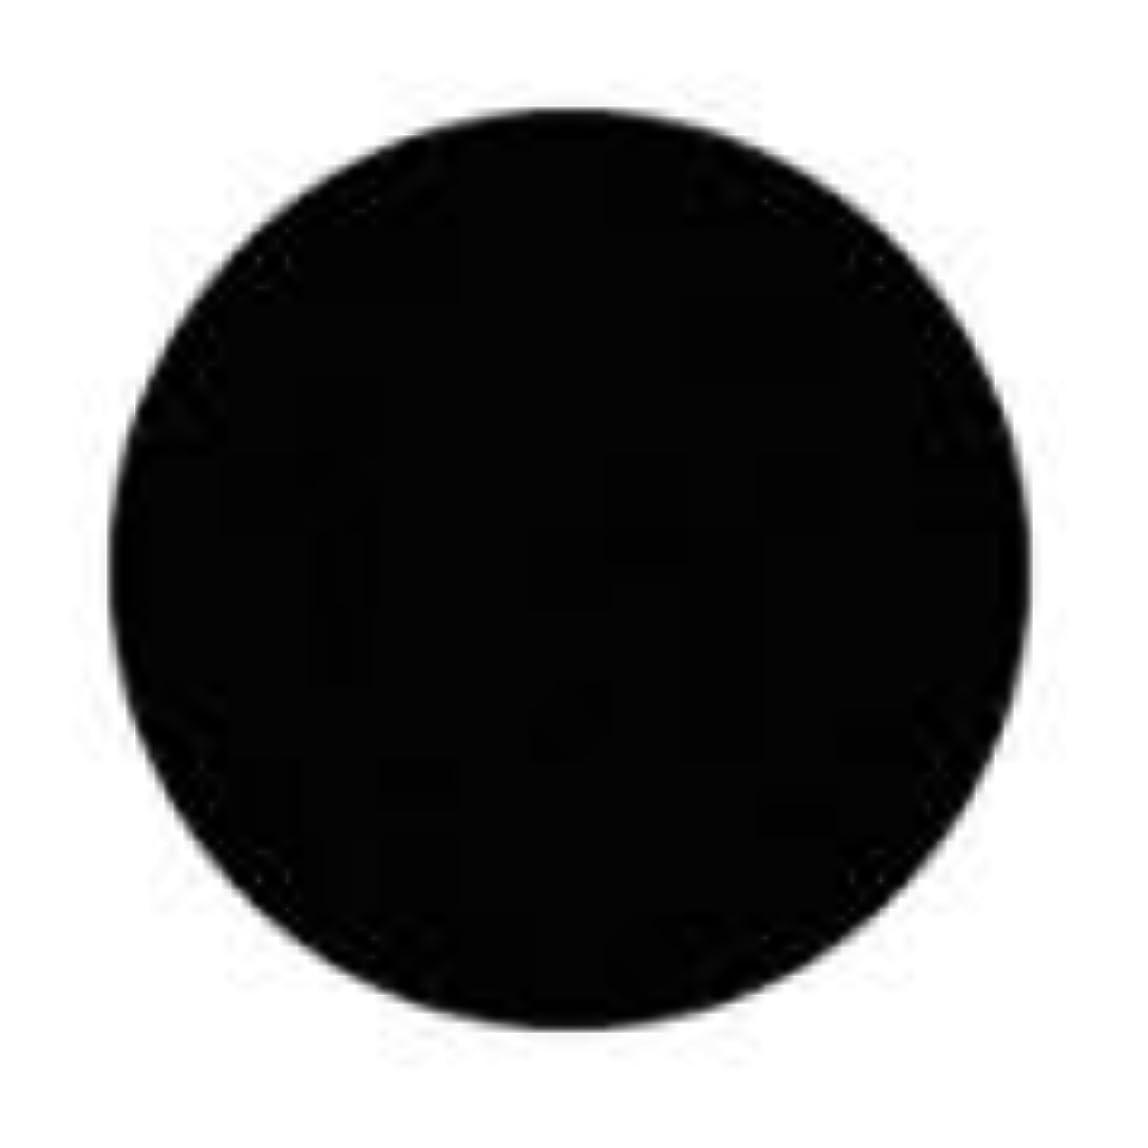 クラックポット結婚重々しいJessica ジェレレーション カラー 15ml  712 サンセットブルーバード